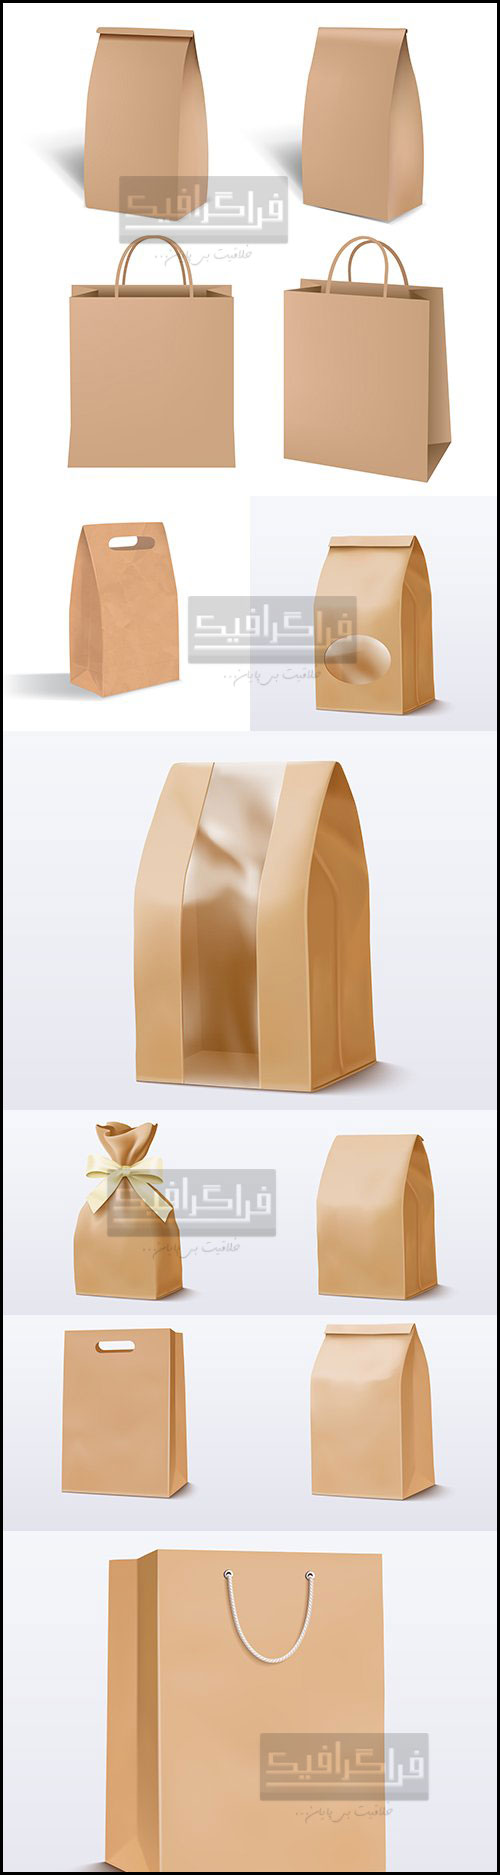 دانلود وکتور پاکت های کاغذی قهوه ای